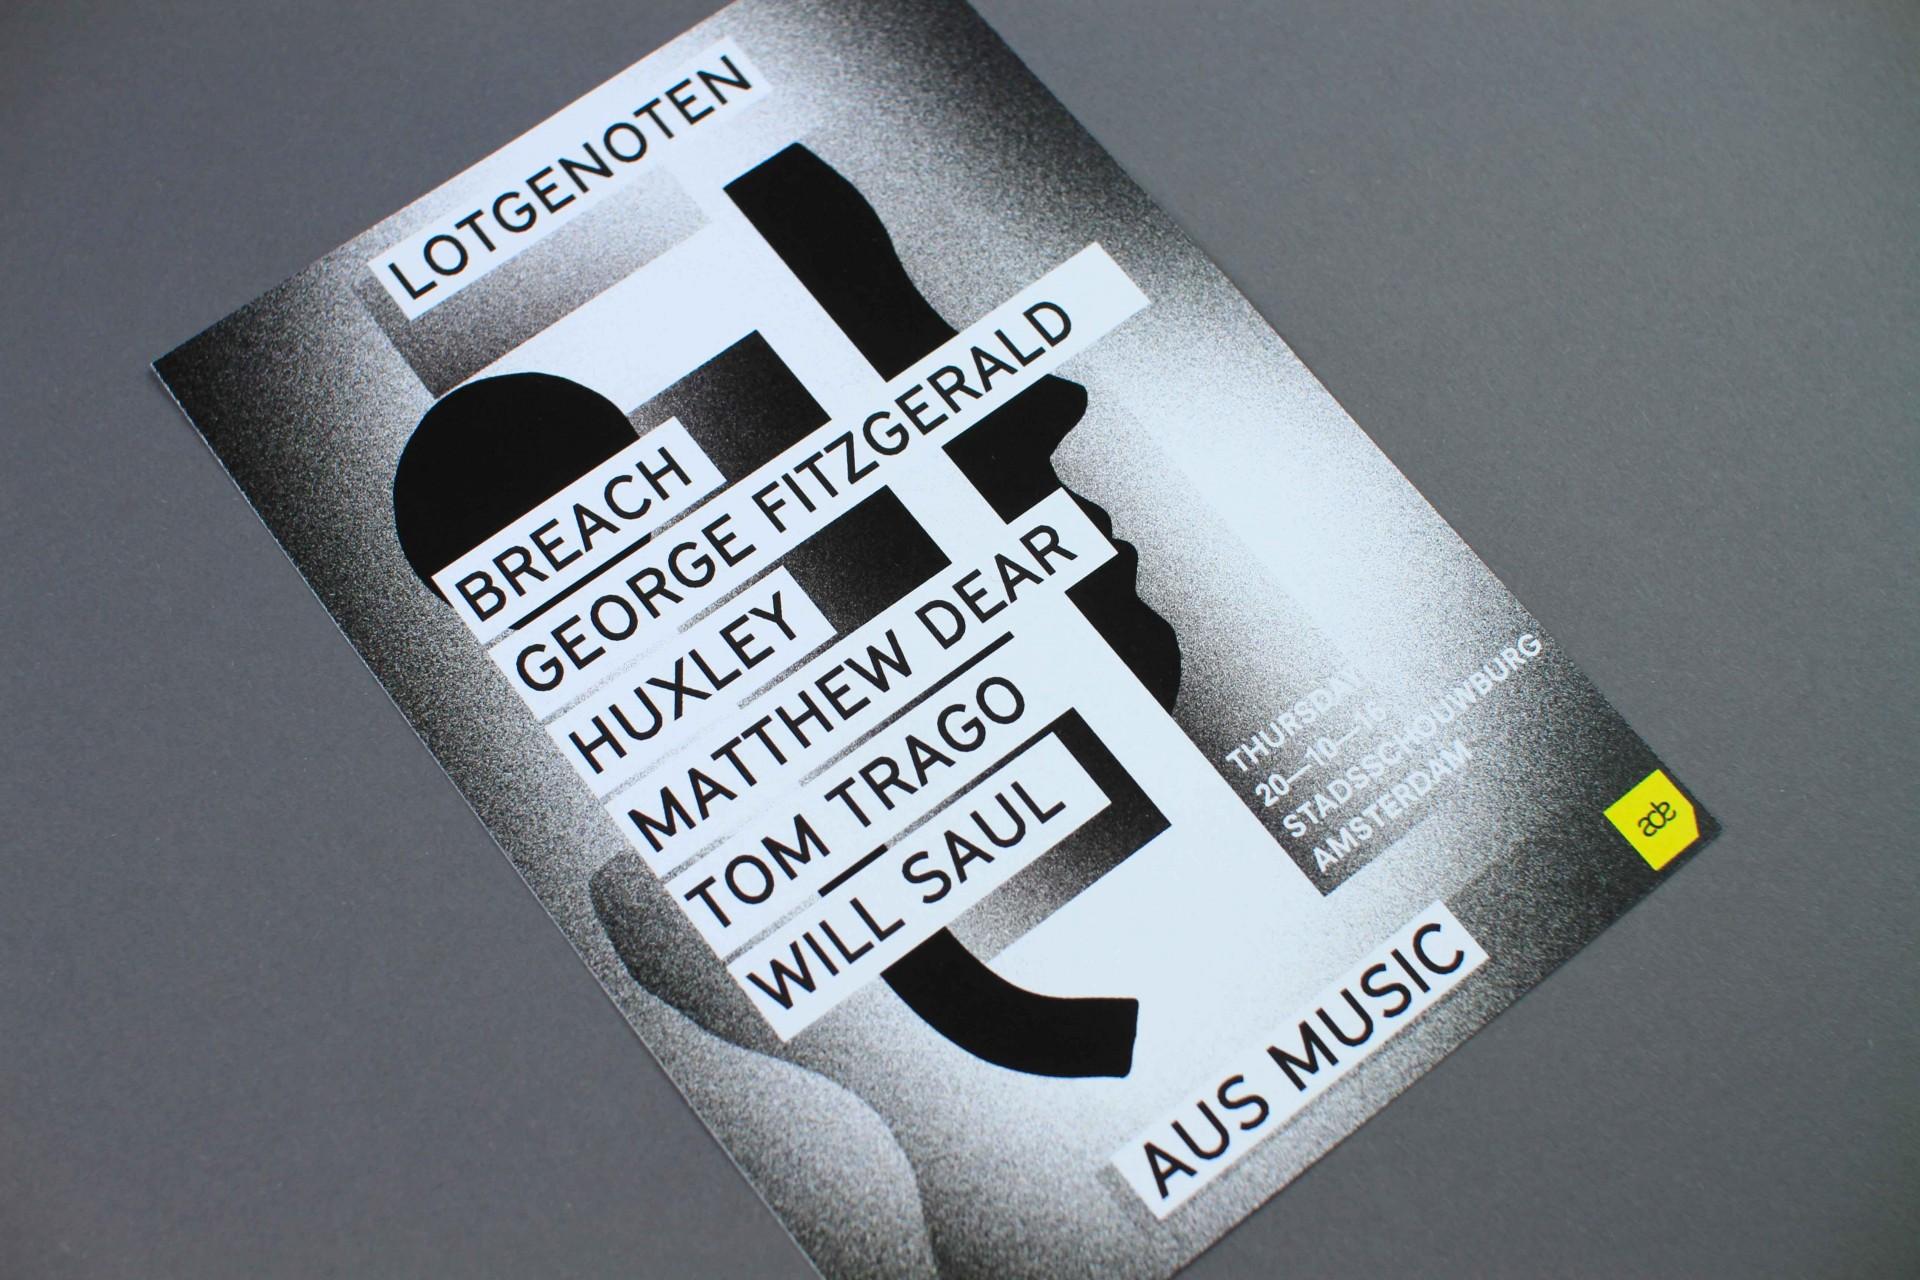 STUDIO JORD NOORBEEK Poster – Lotgenoten